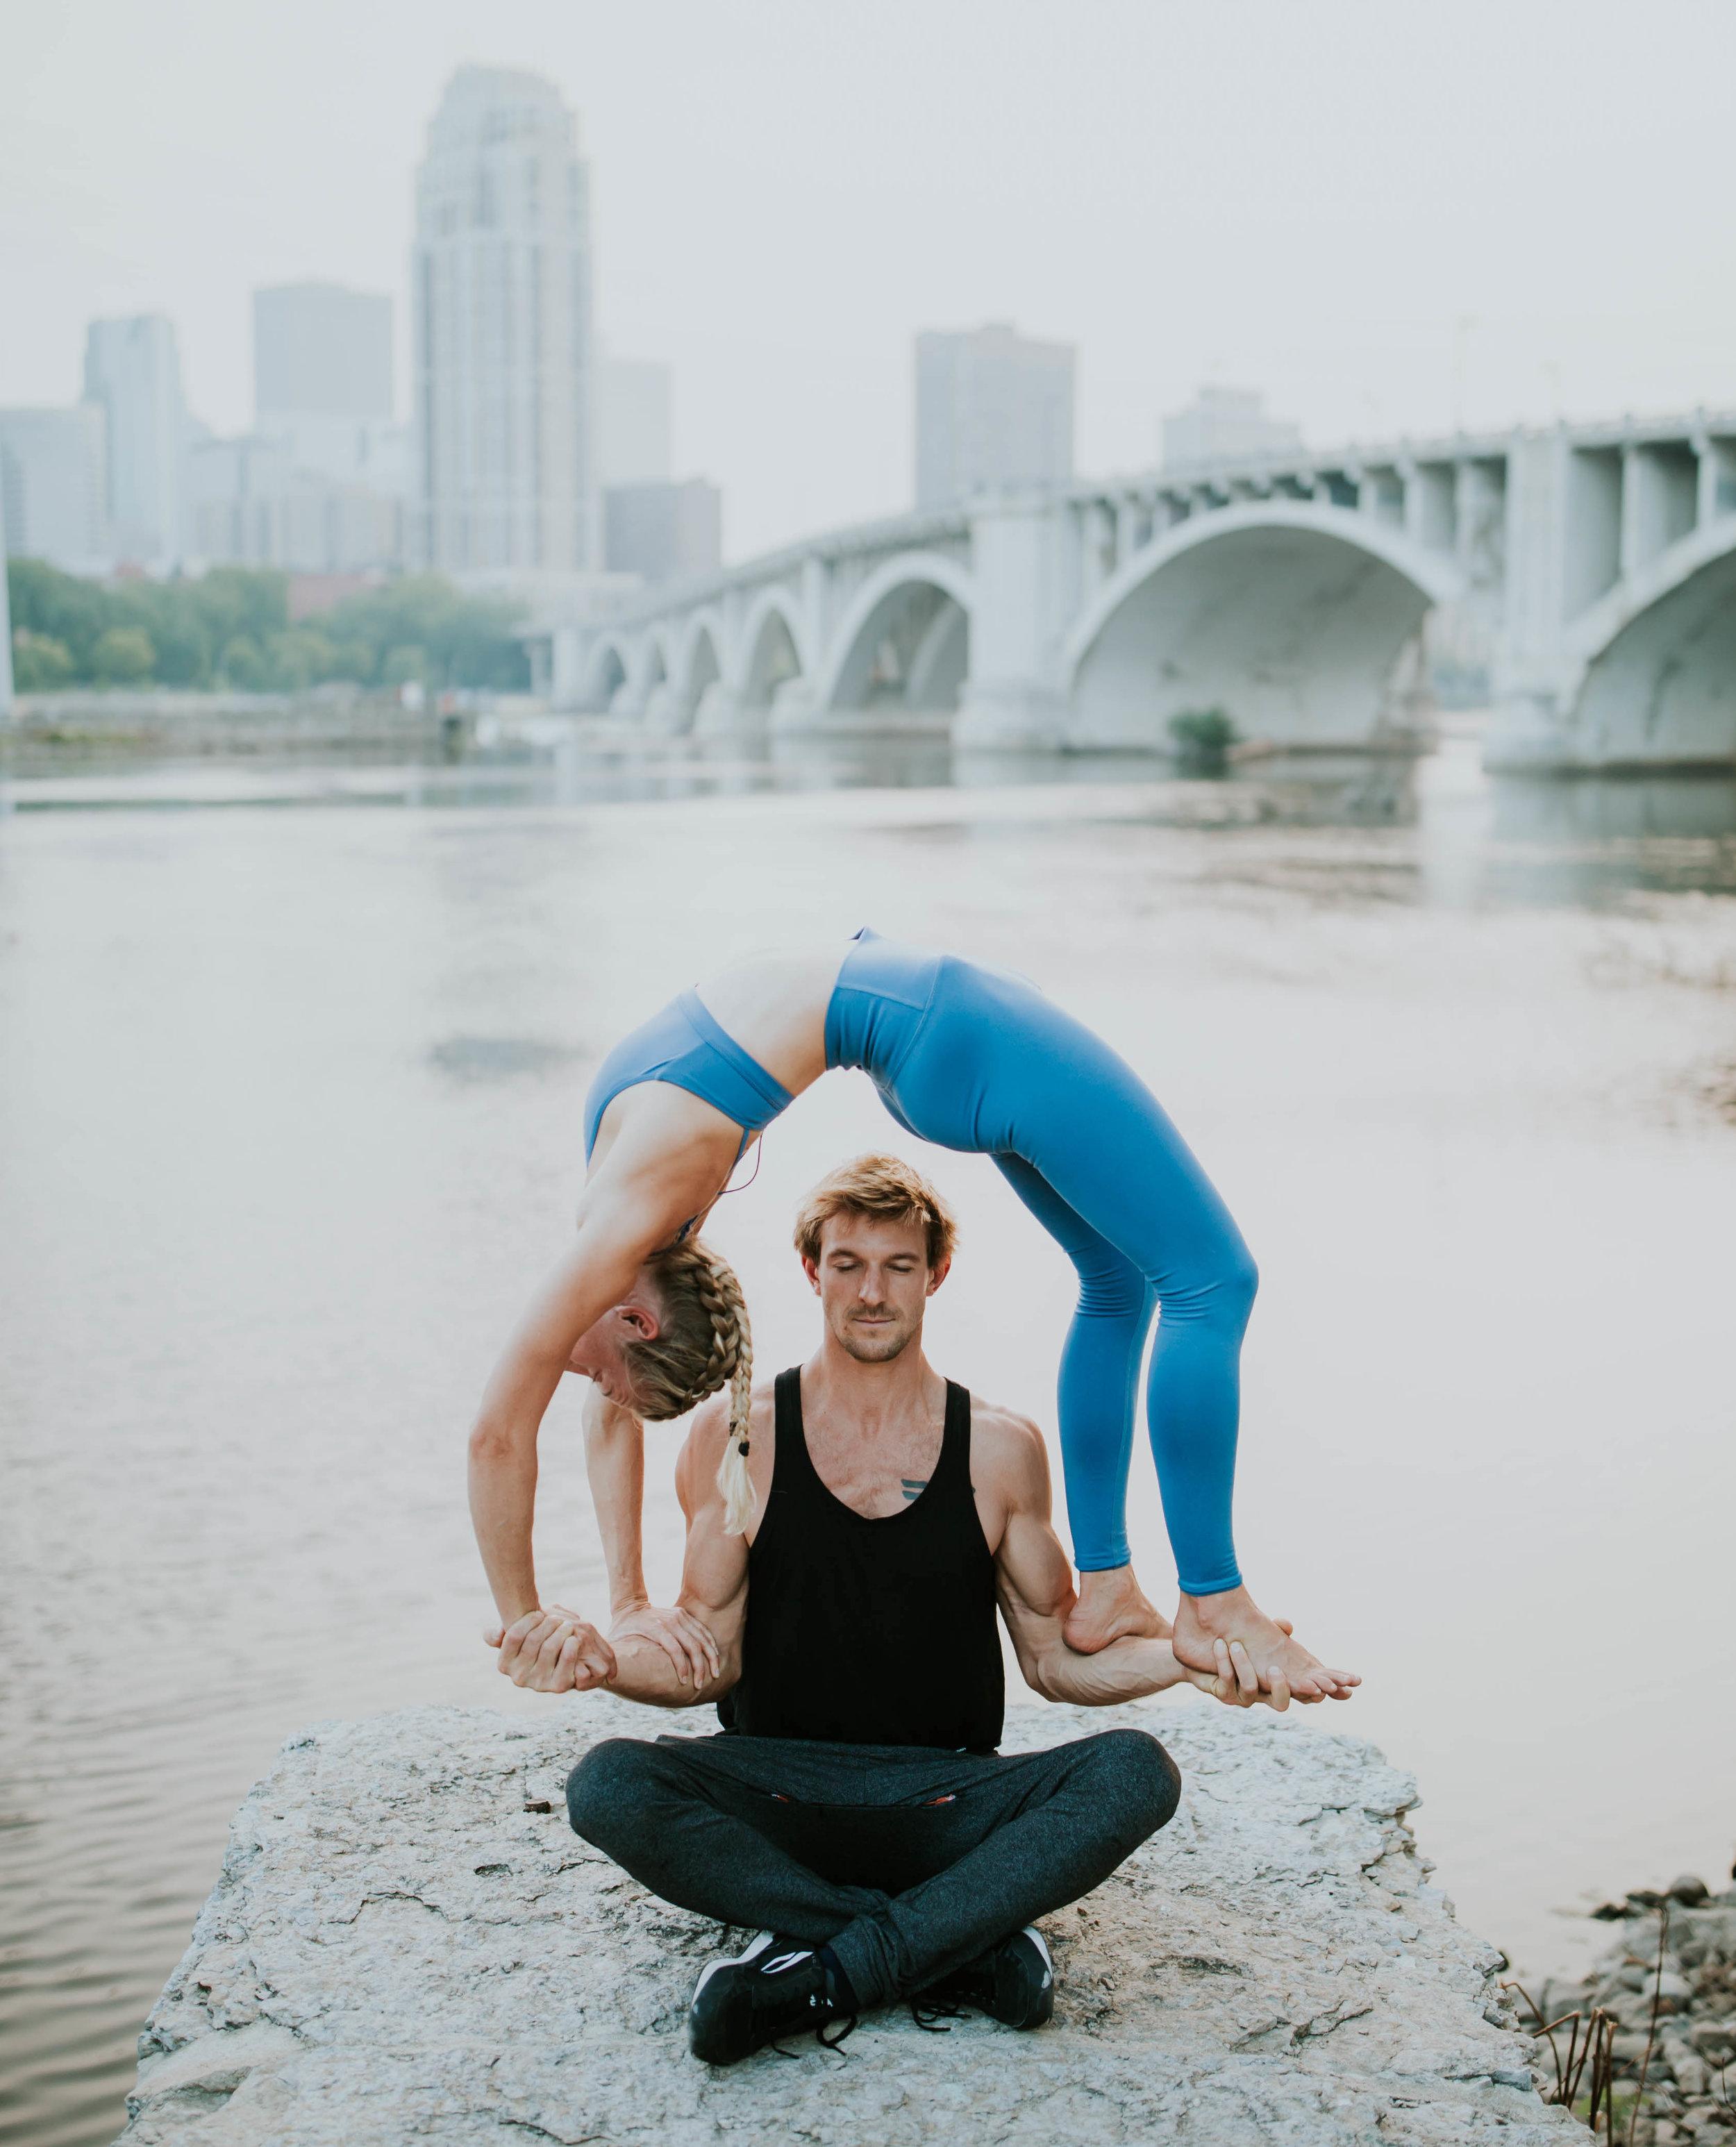 Acroyoga acro yoga nicholas coolridge.jpg